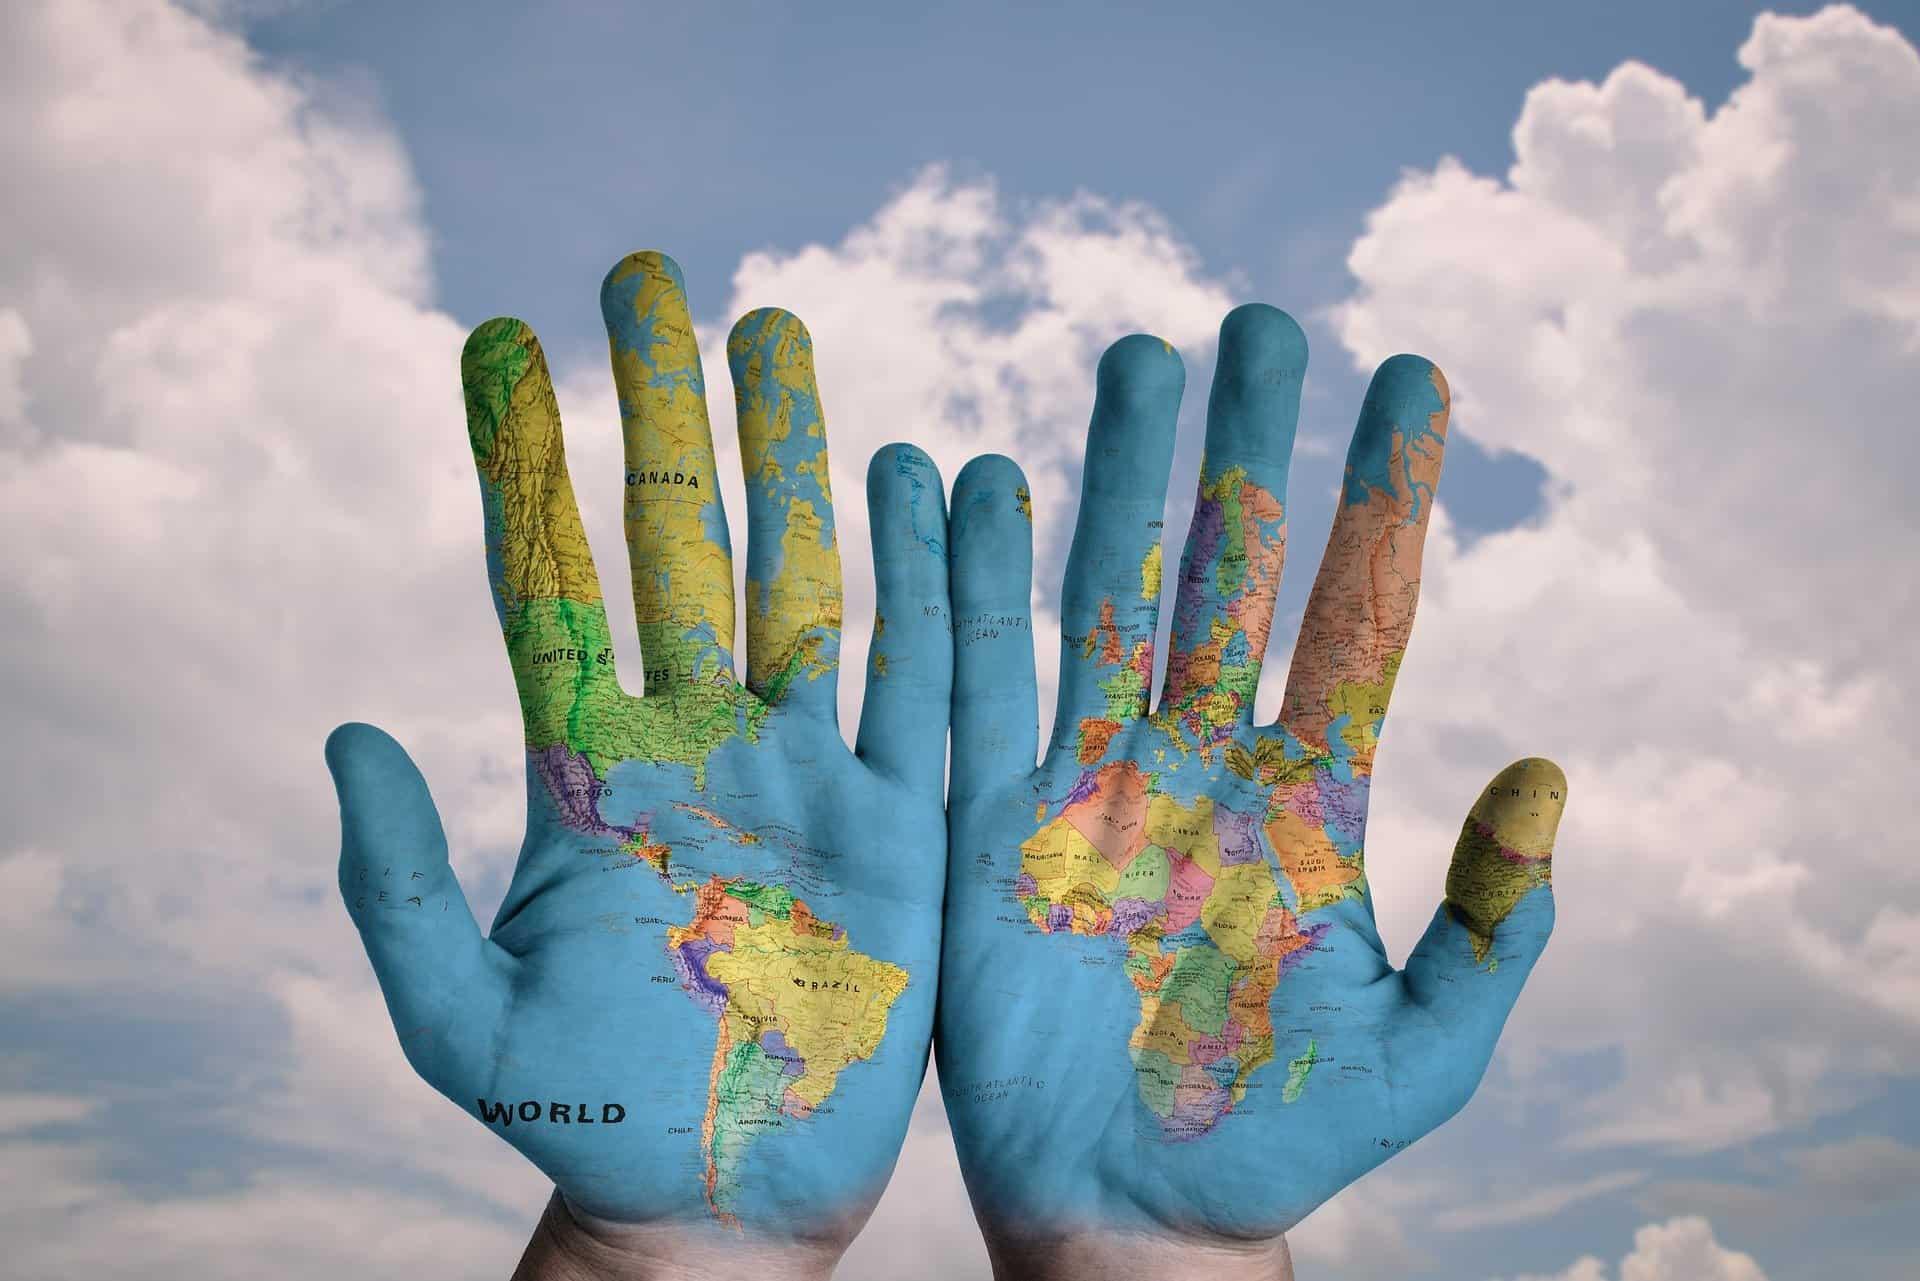 כדור הארץ בידיים שלנו? צילום: פיקסביי